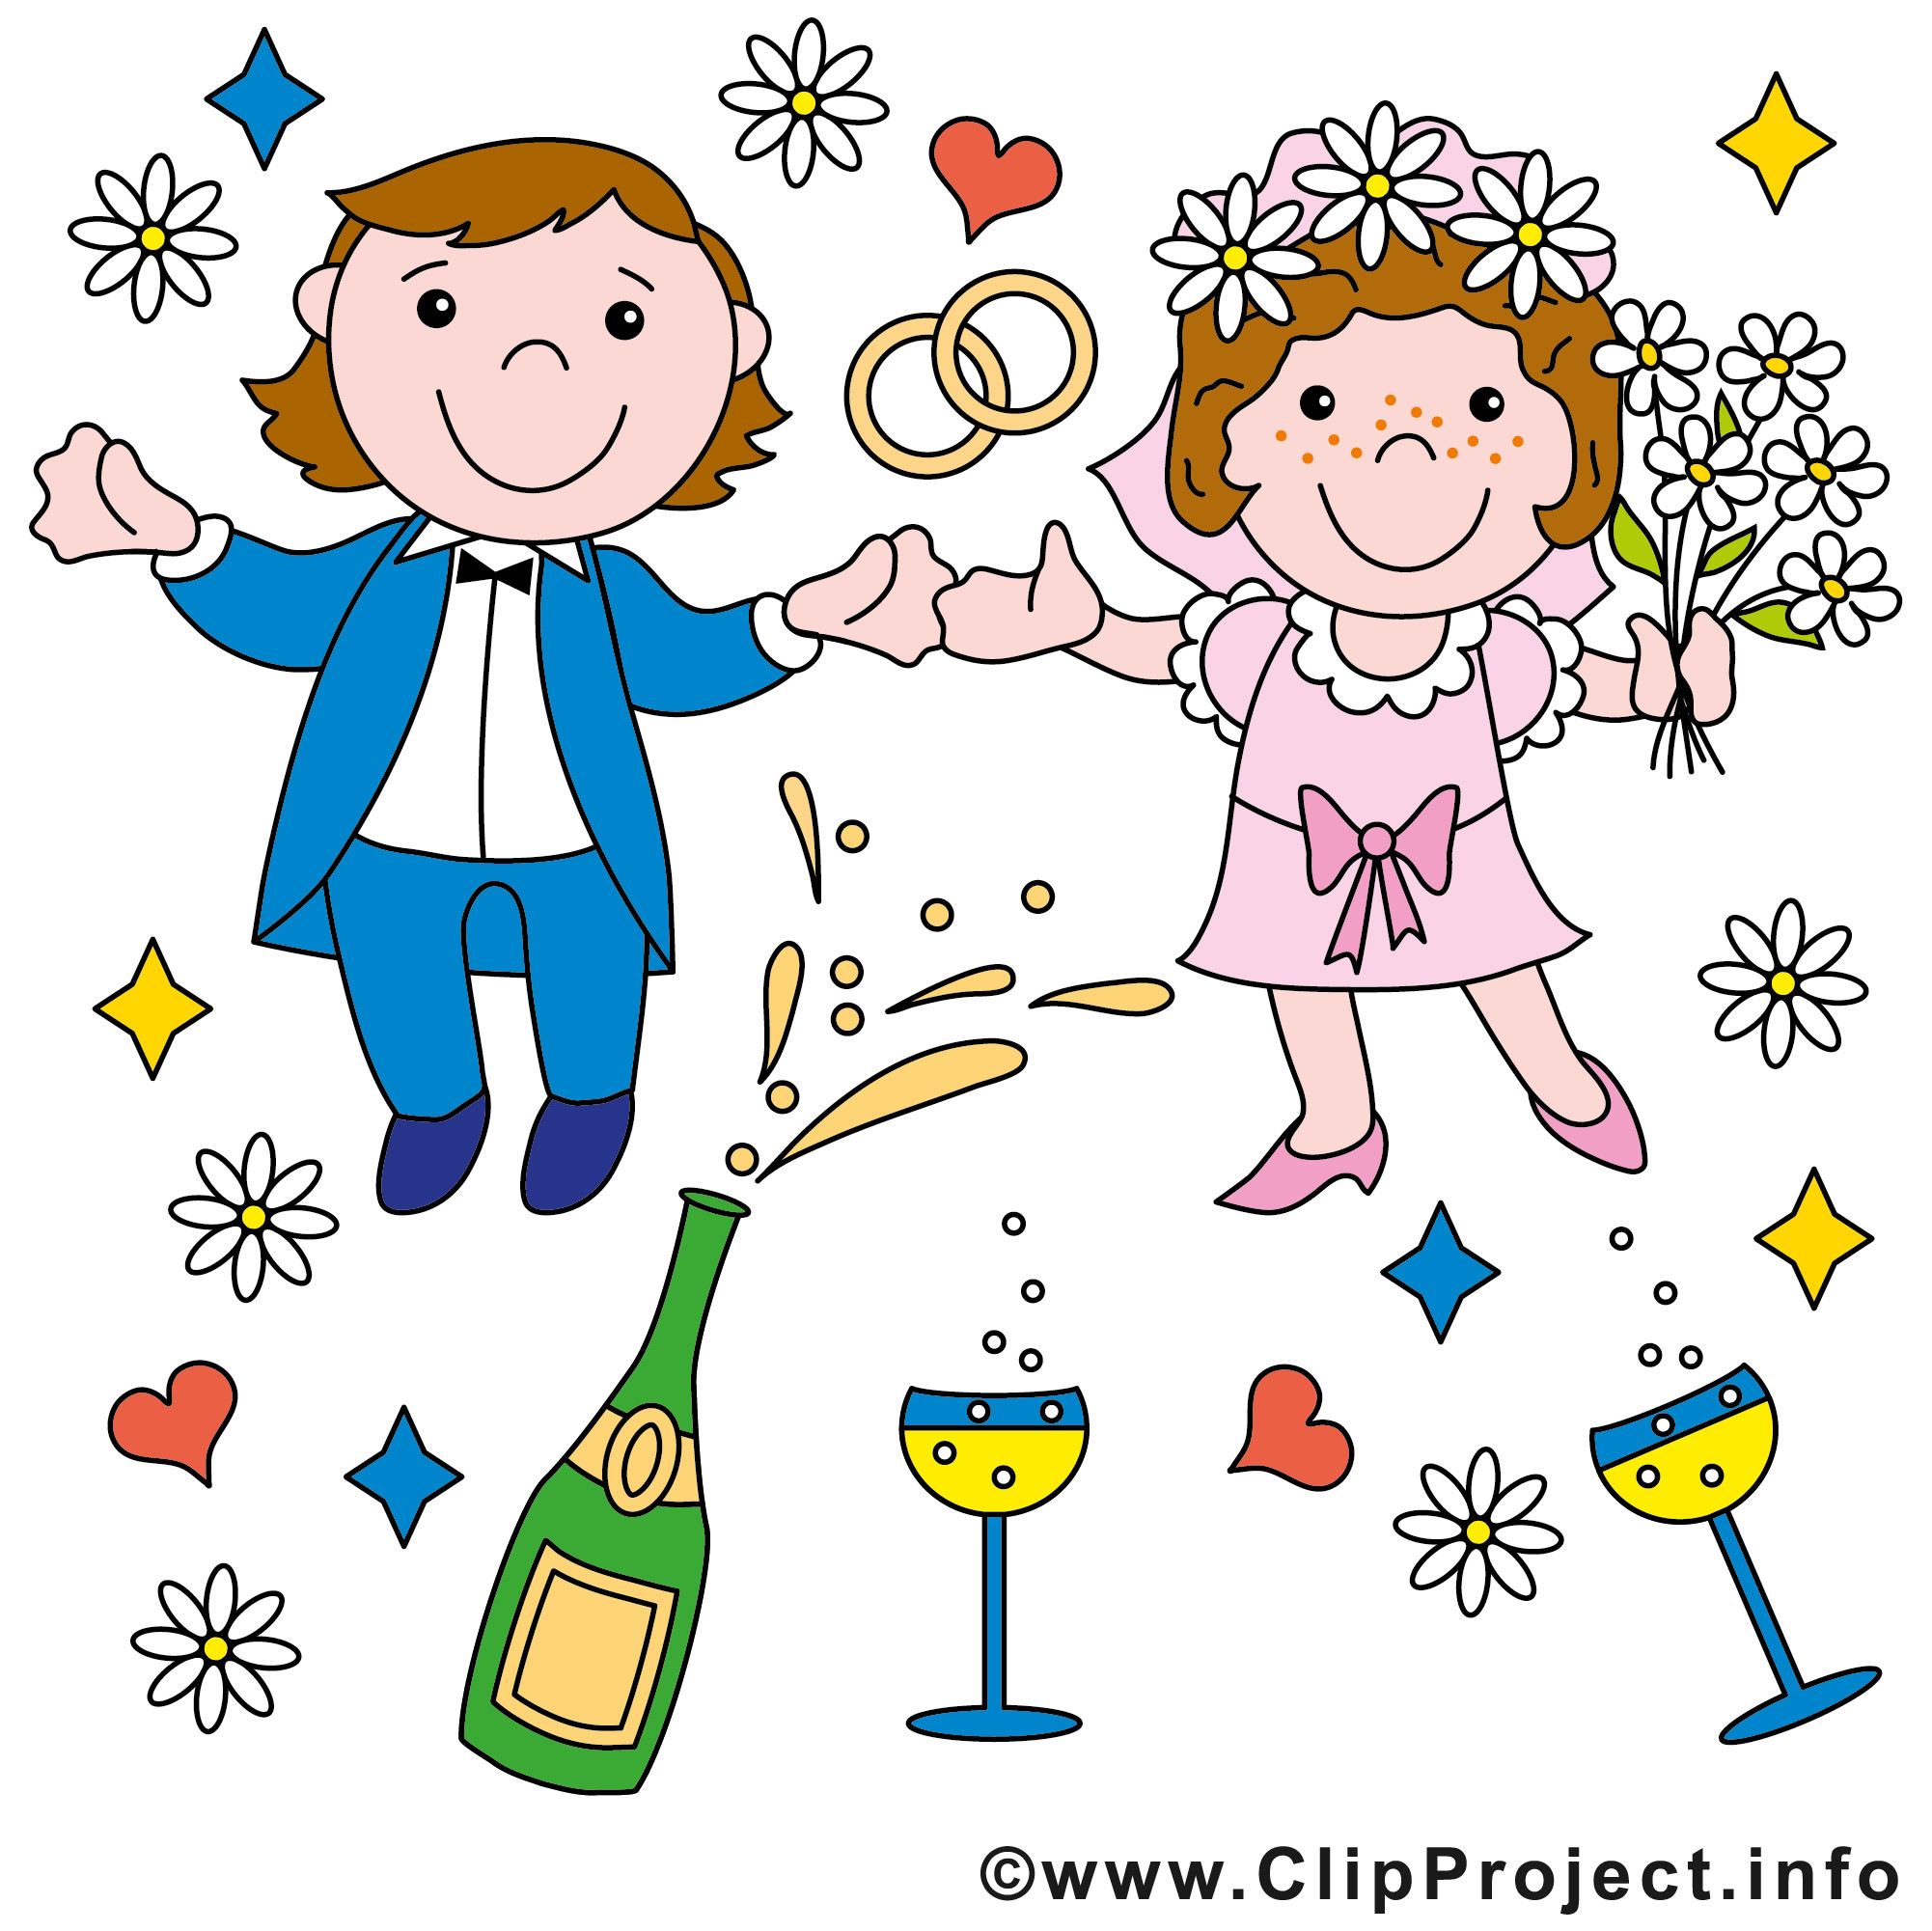 Hochzeit Bilder Comic  Brautpaar ic Bild gratis